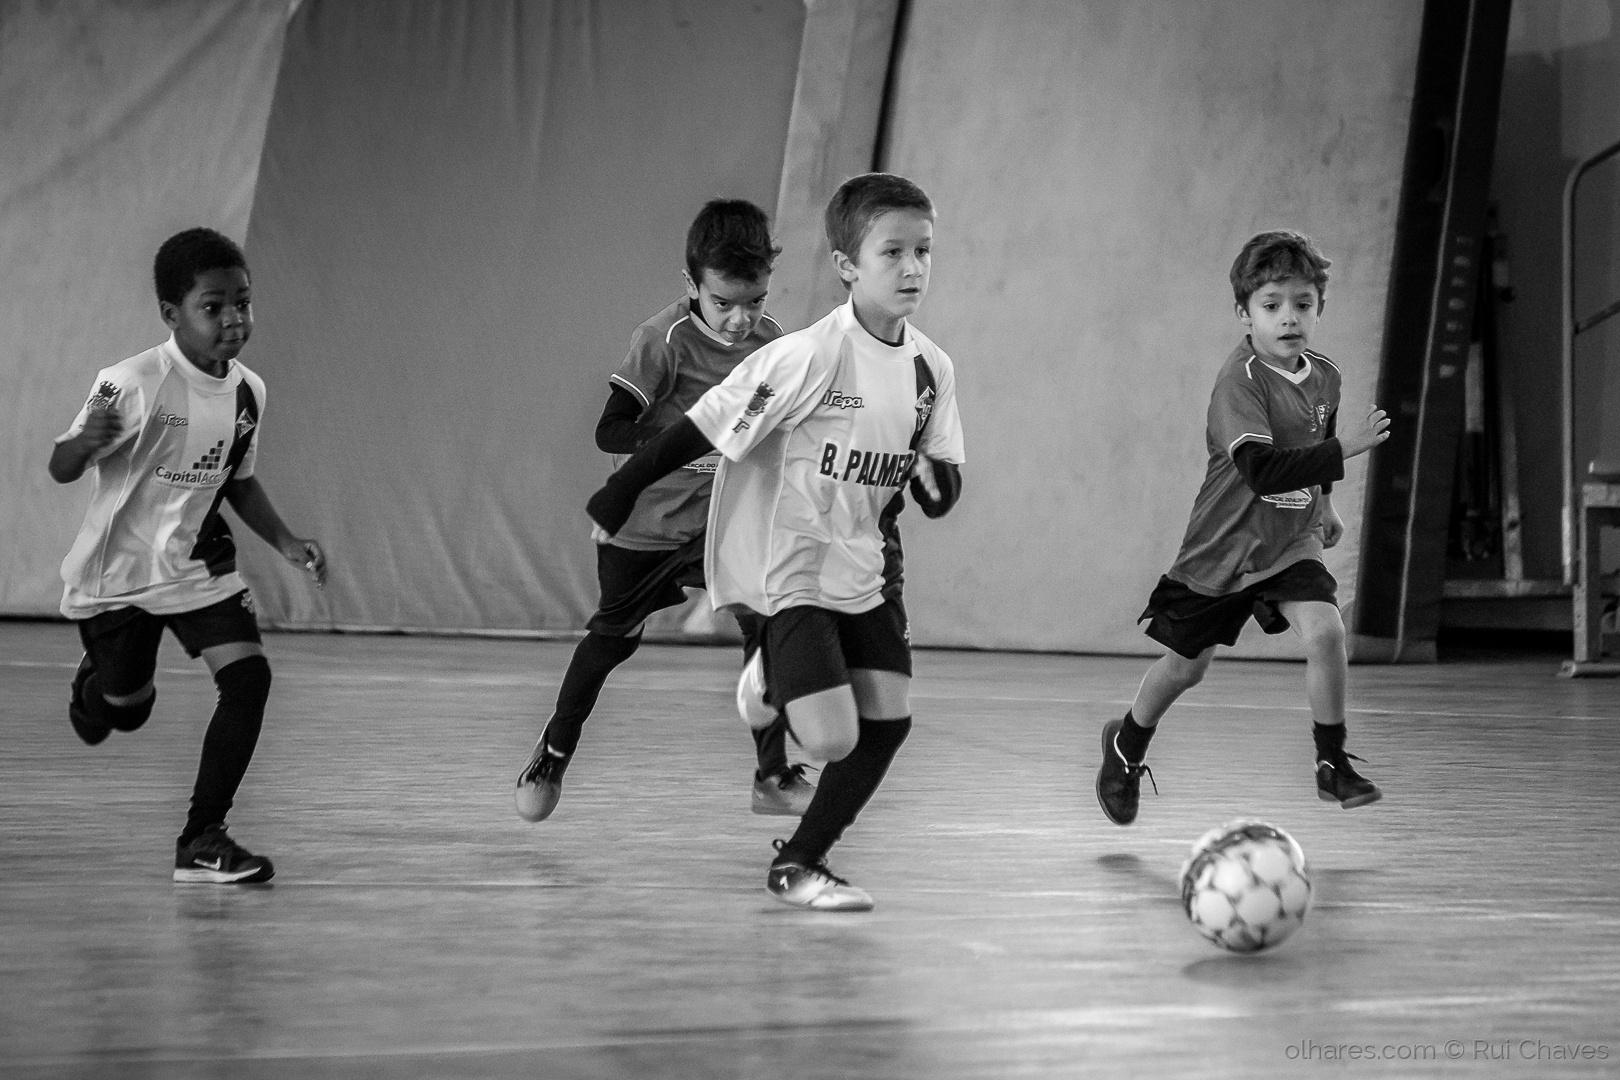 Desporto e Ação/atrás do sonho...